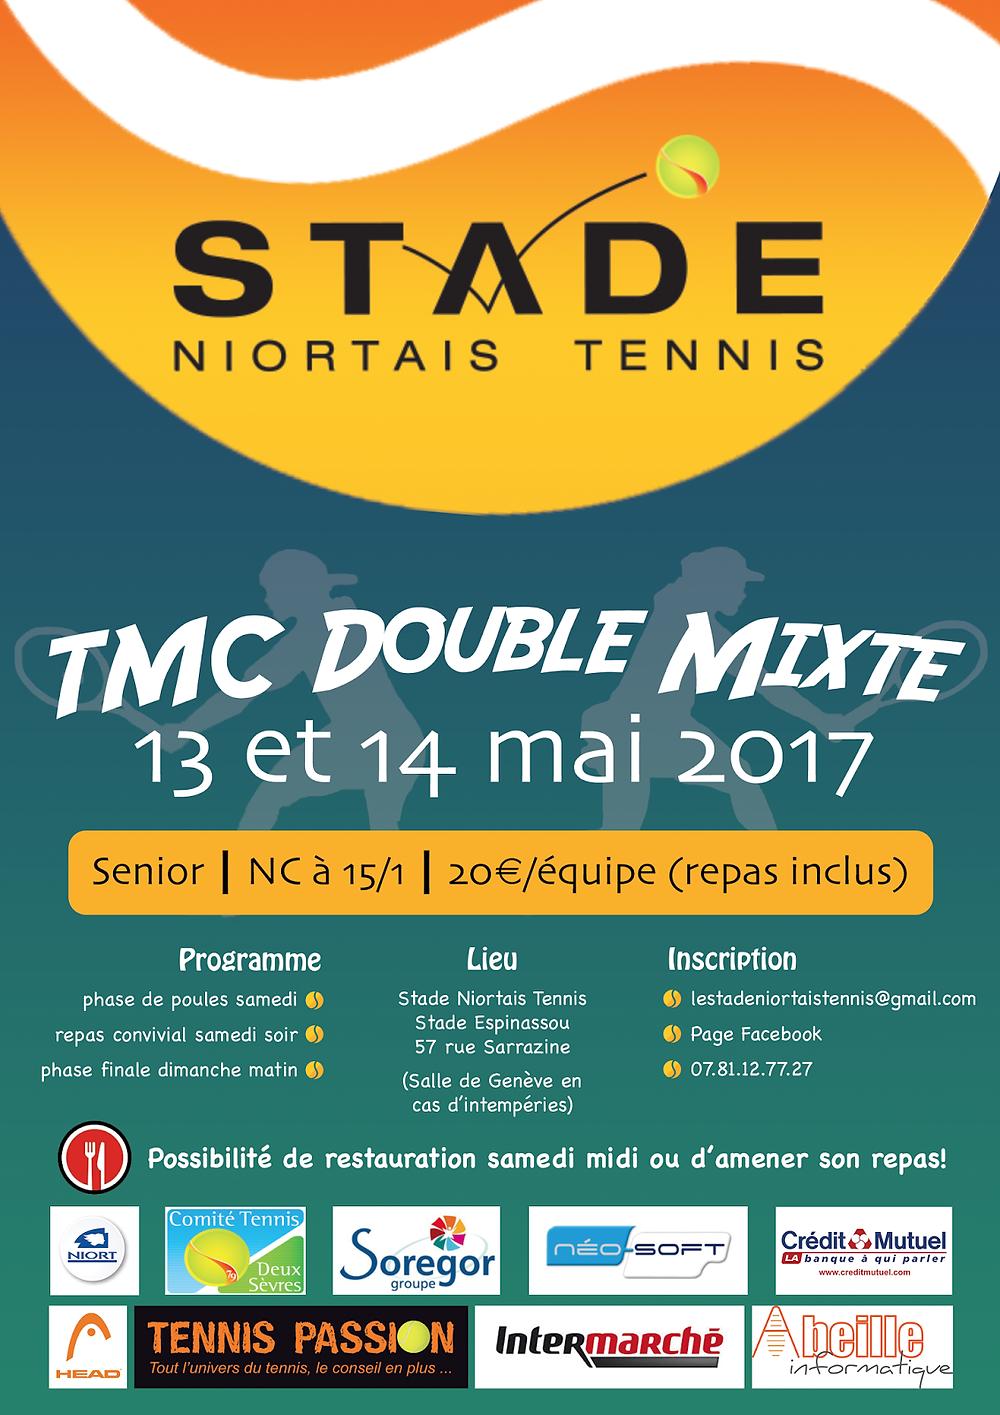 affiche du TMC double mixte 2017 du stade niortais tennis